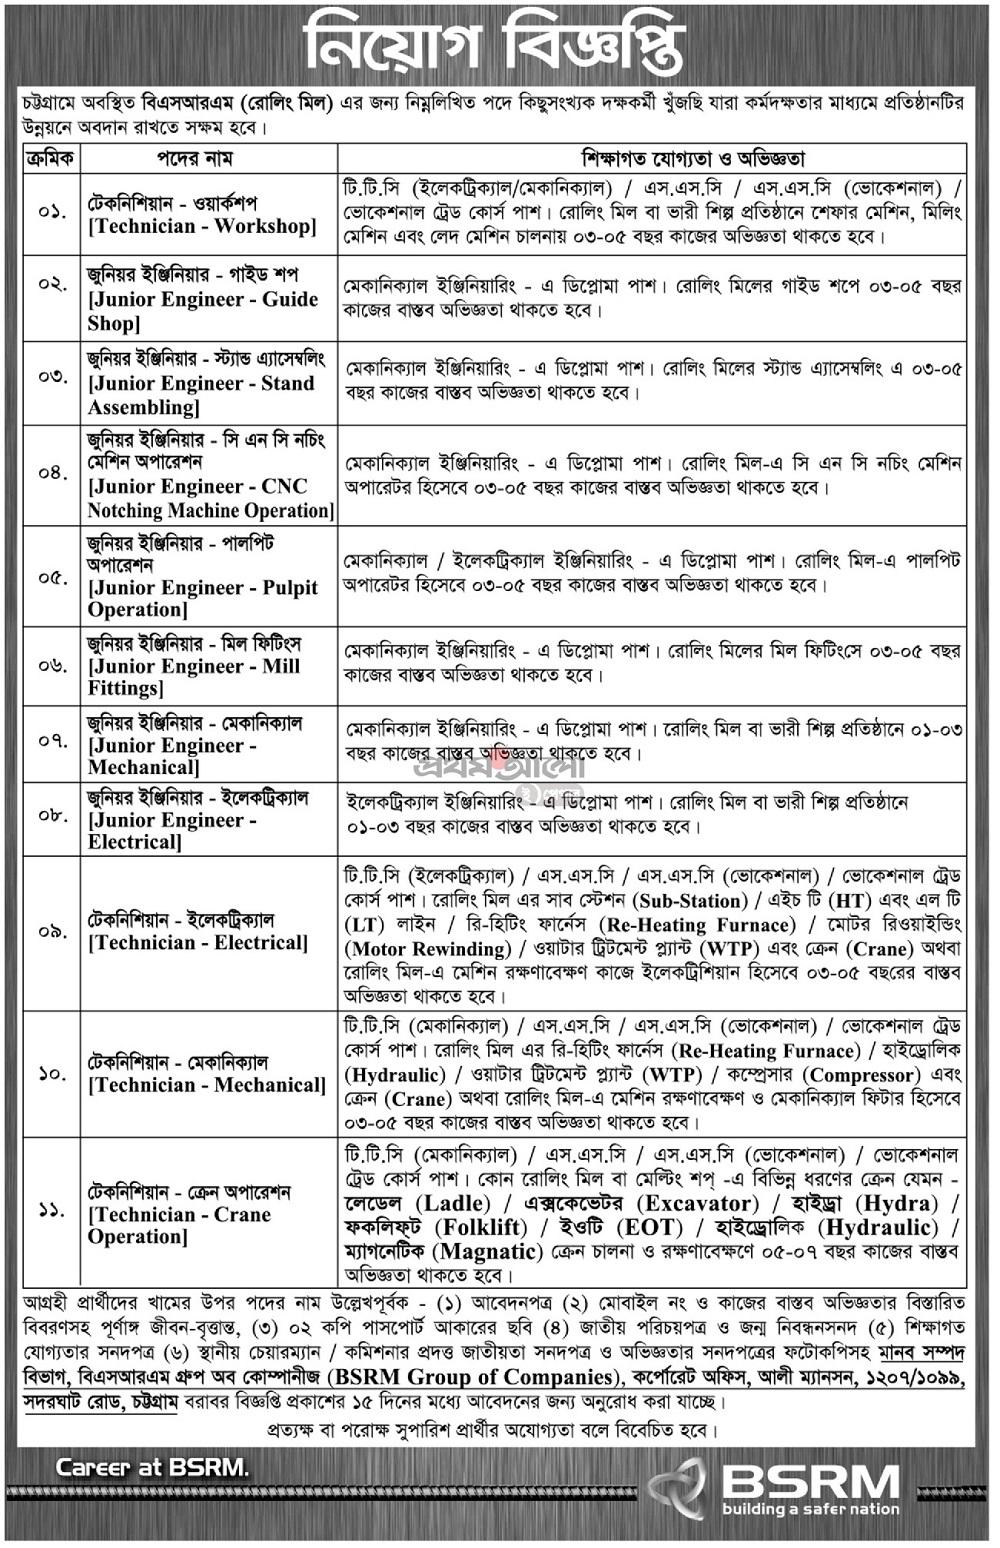 BSRM Job Circular 2019